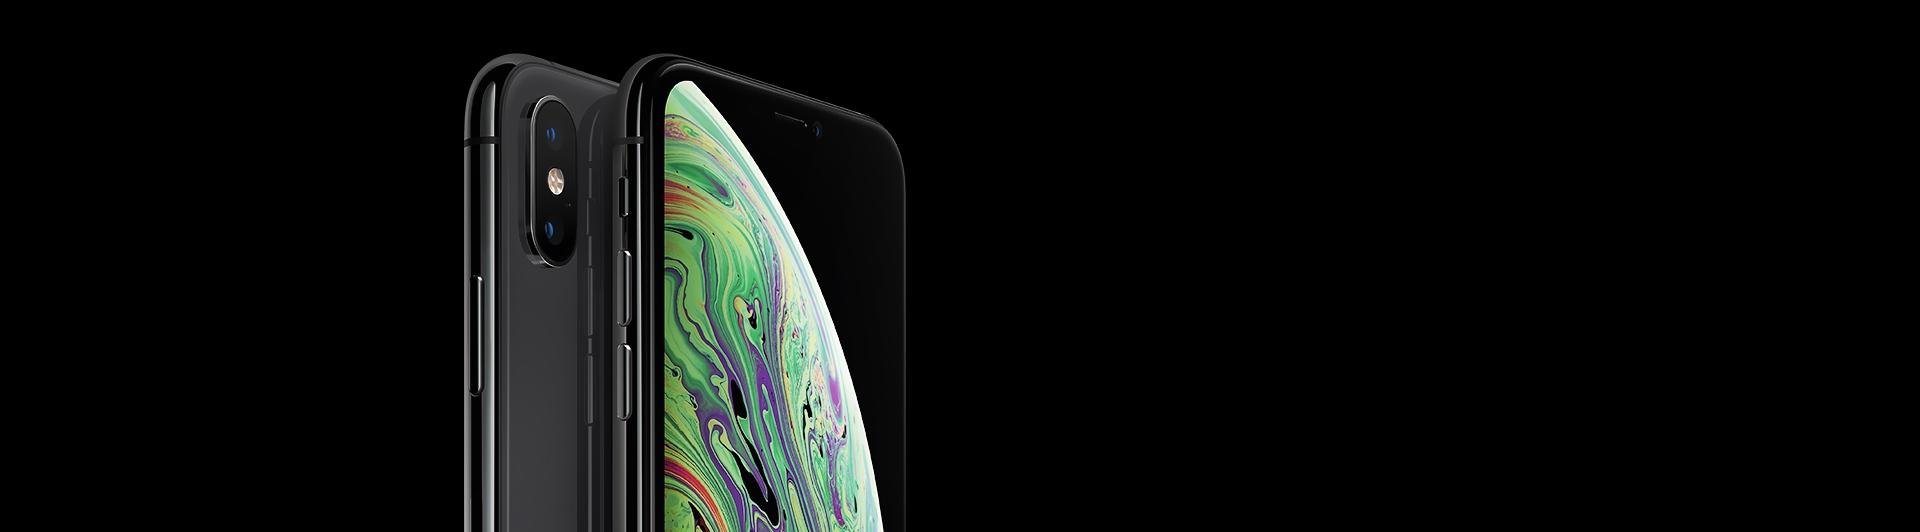 Điện thoại iPhone XS Max 64GB Grey